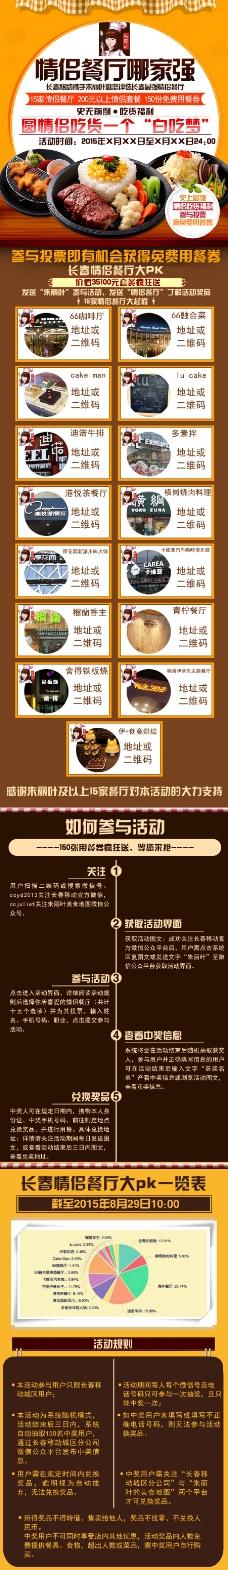 情侣餐厅微信宣传